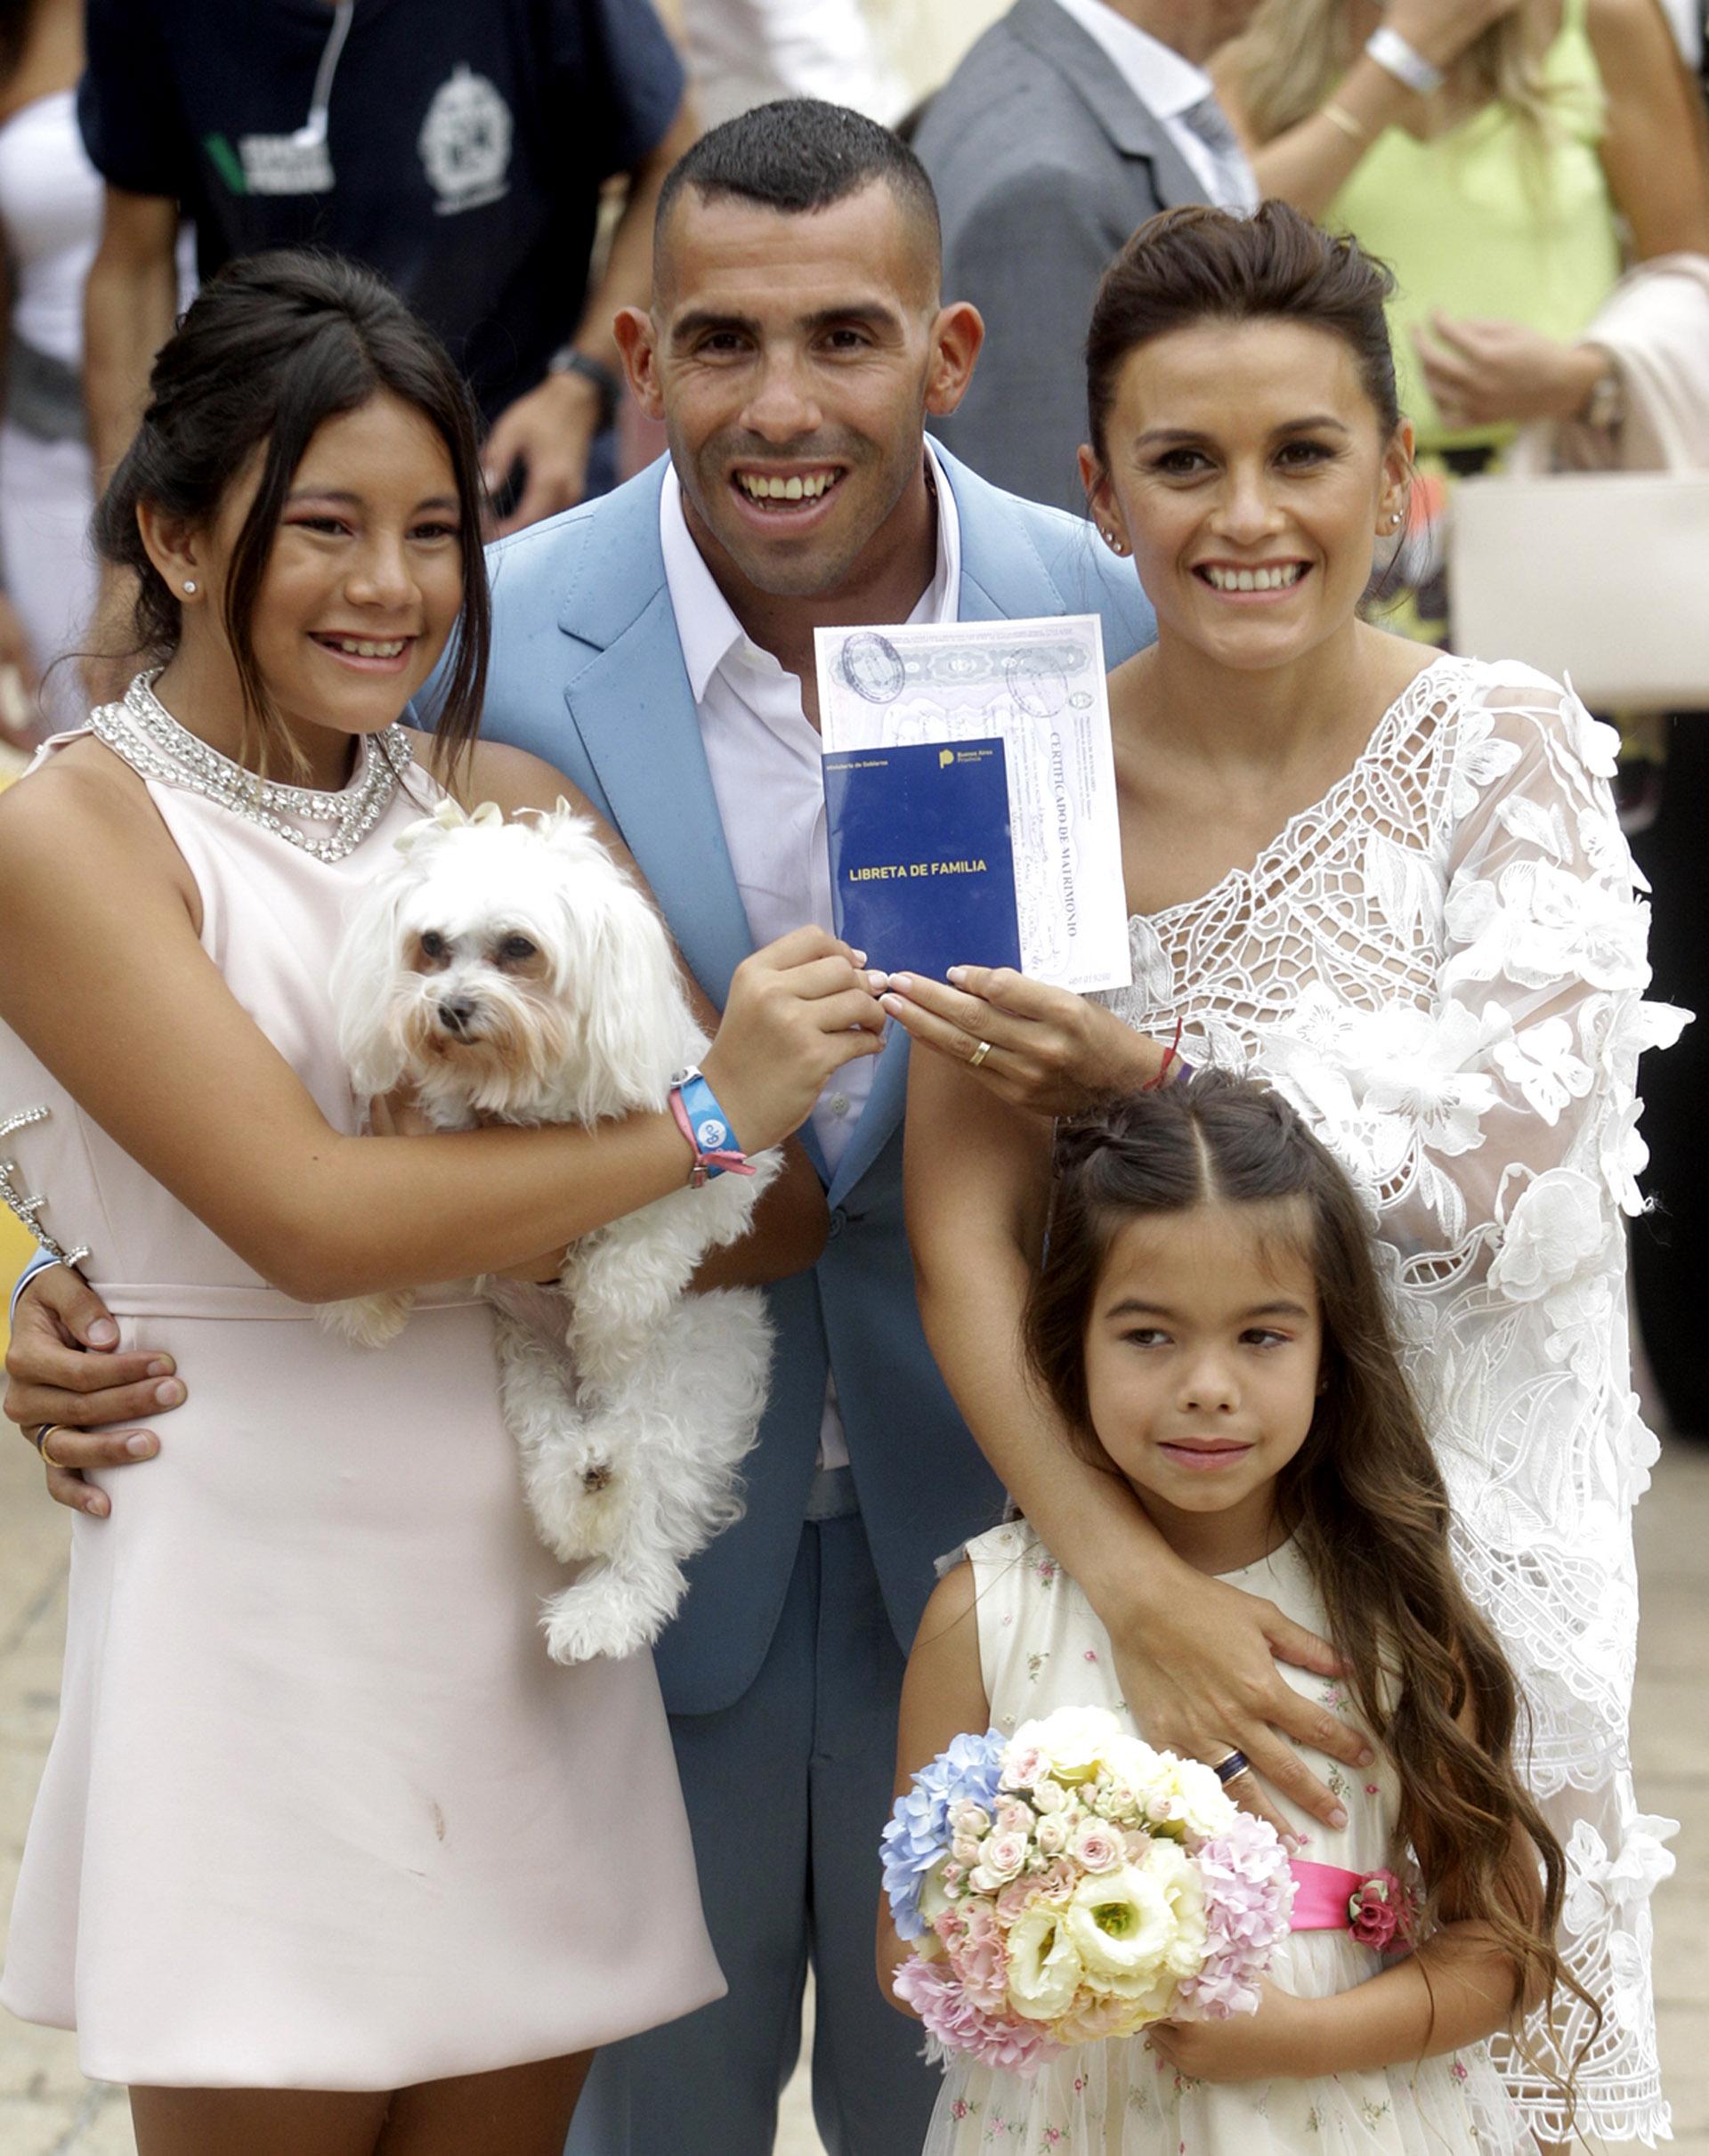 Las hijas de Tevez sonríen junto a sus padres